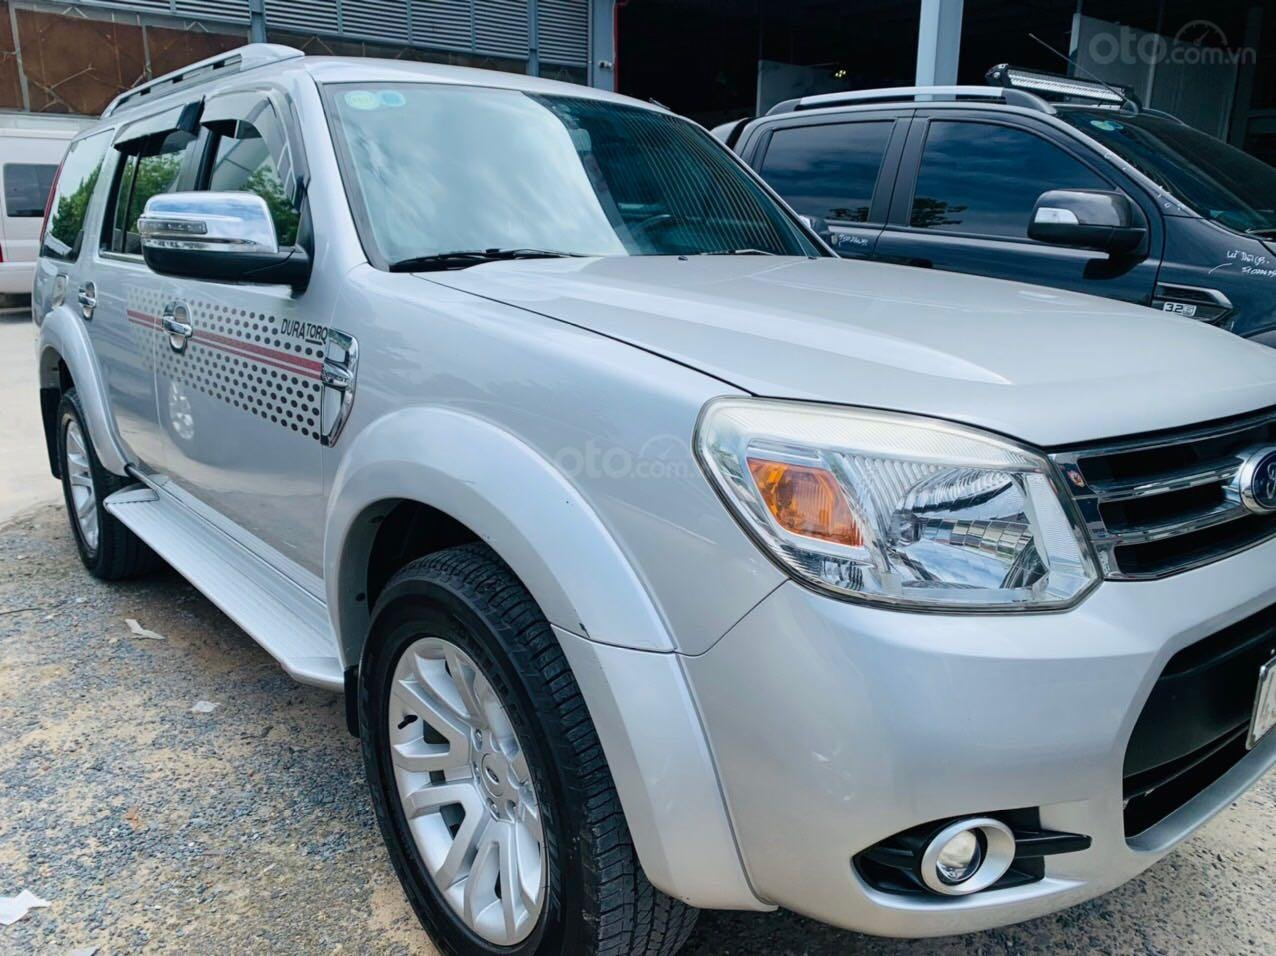 Bán Ford Everest đăng ký lần đầu 2013, màu bạc xe gia đình giá 515 triệu đồng (1)